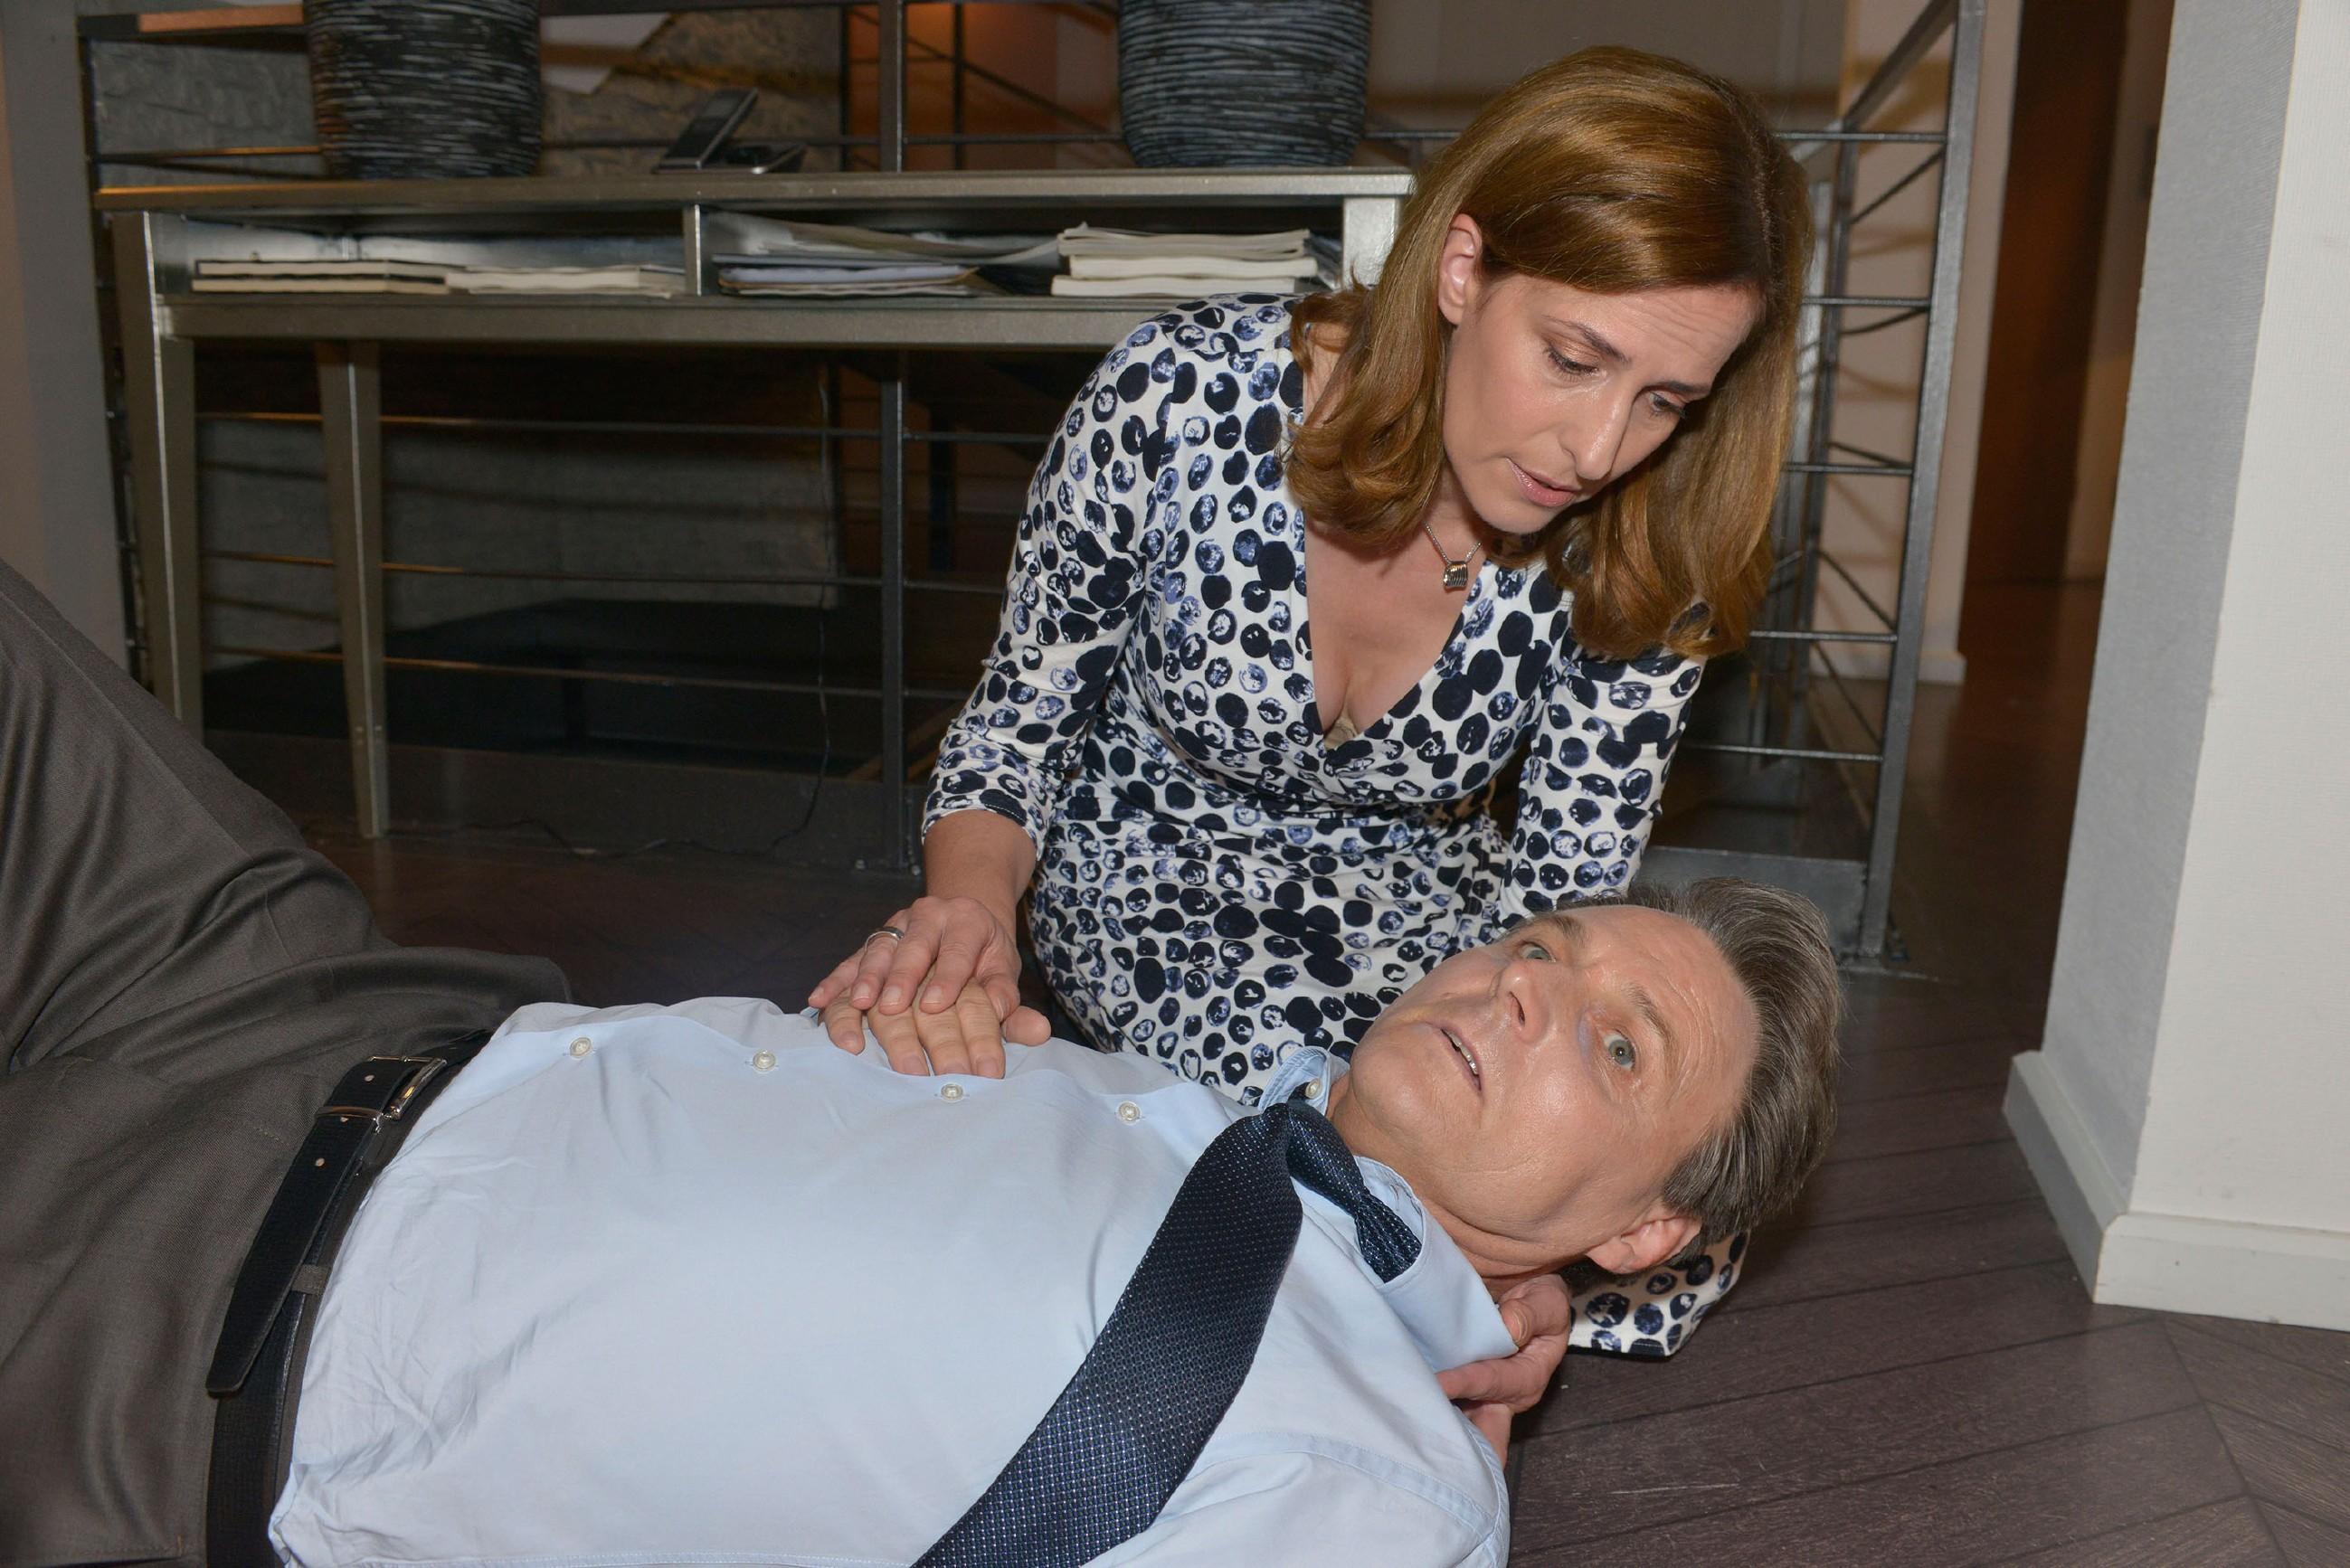 Als Gerner (Wolfgang Bahro) kollabiert, findet ihn zufällig Katrin (Ulrike Frank) und besteht darauf, dass er in die Klinik fährt. (Quelle: © RTL / Rolf Baumgartner)